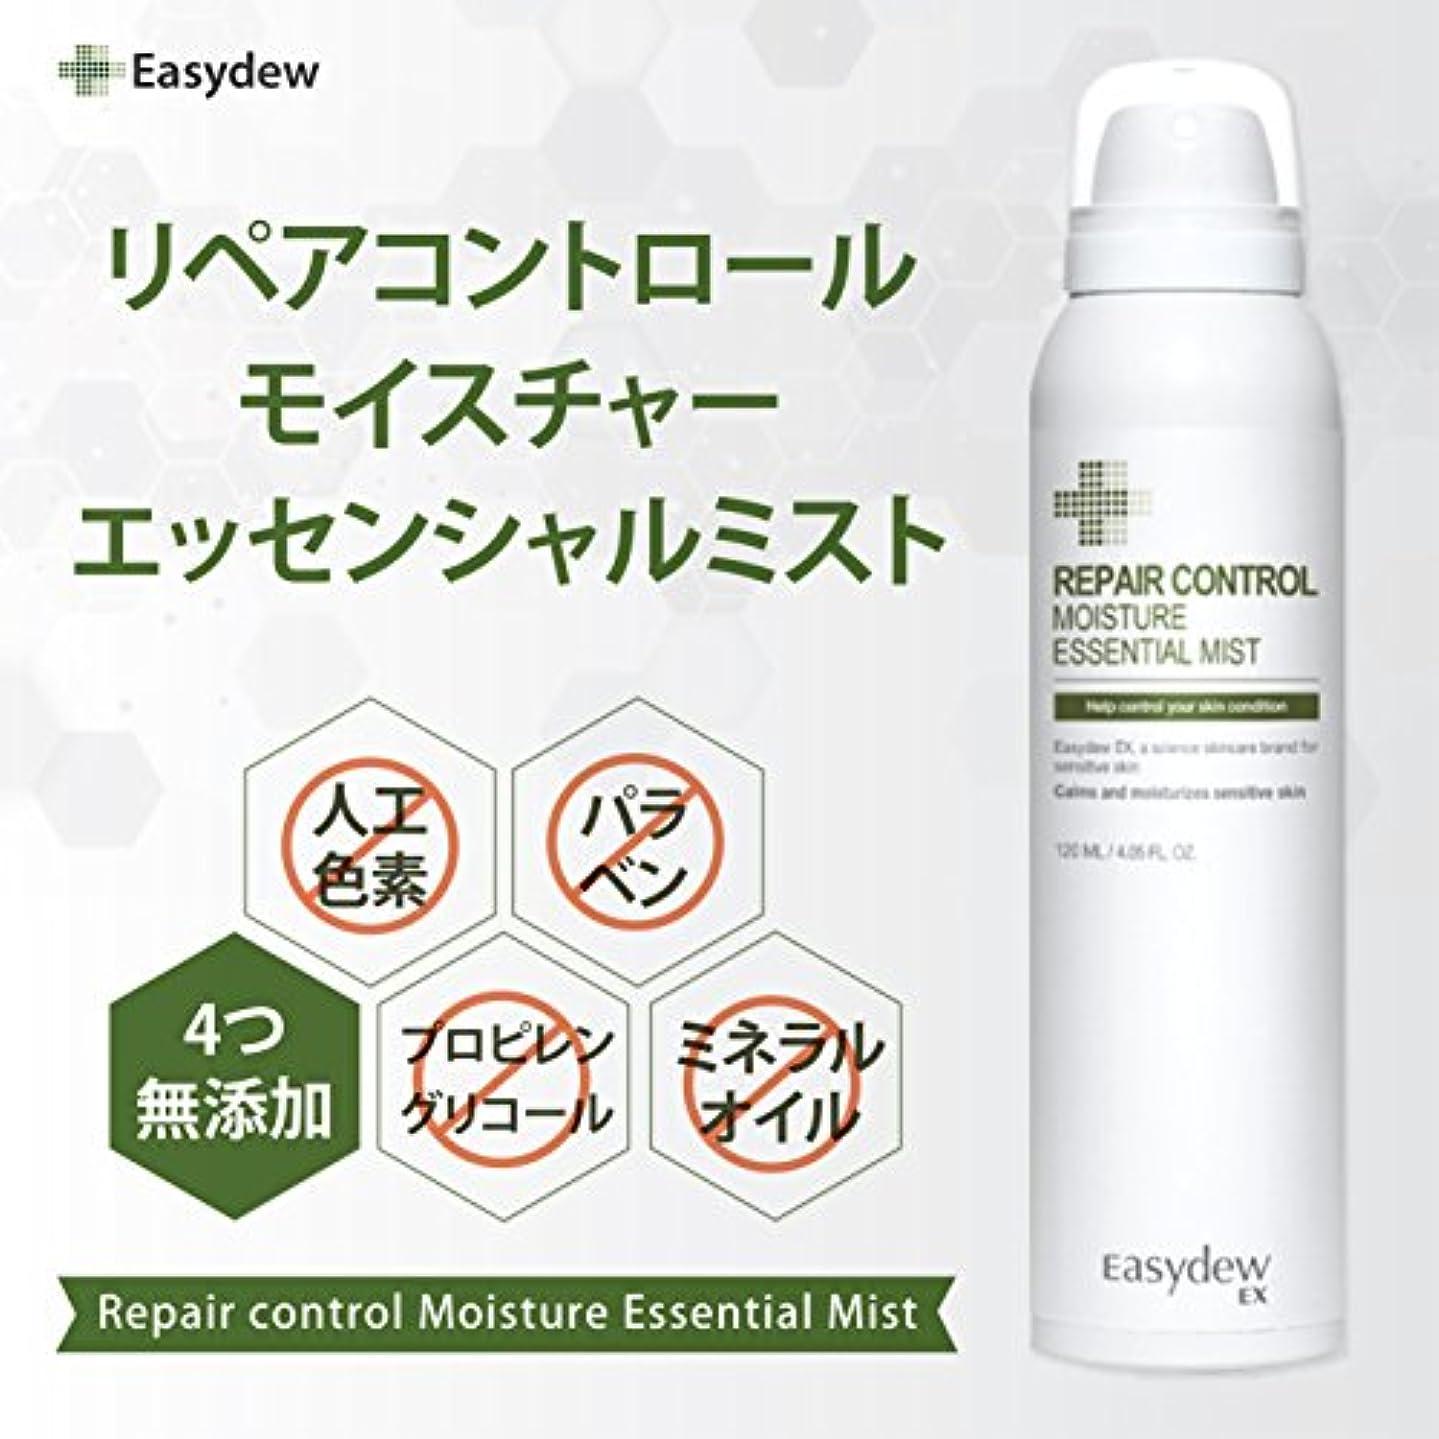 ビクター暗唱する必要性EASYDEW EX リペア コントロール モイスチャー エッセンシャル ミスト Repair Control Moisture Essential Mist 120ml